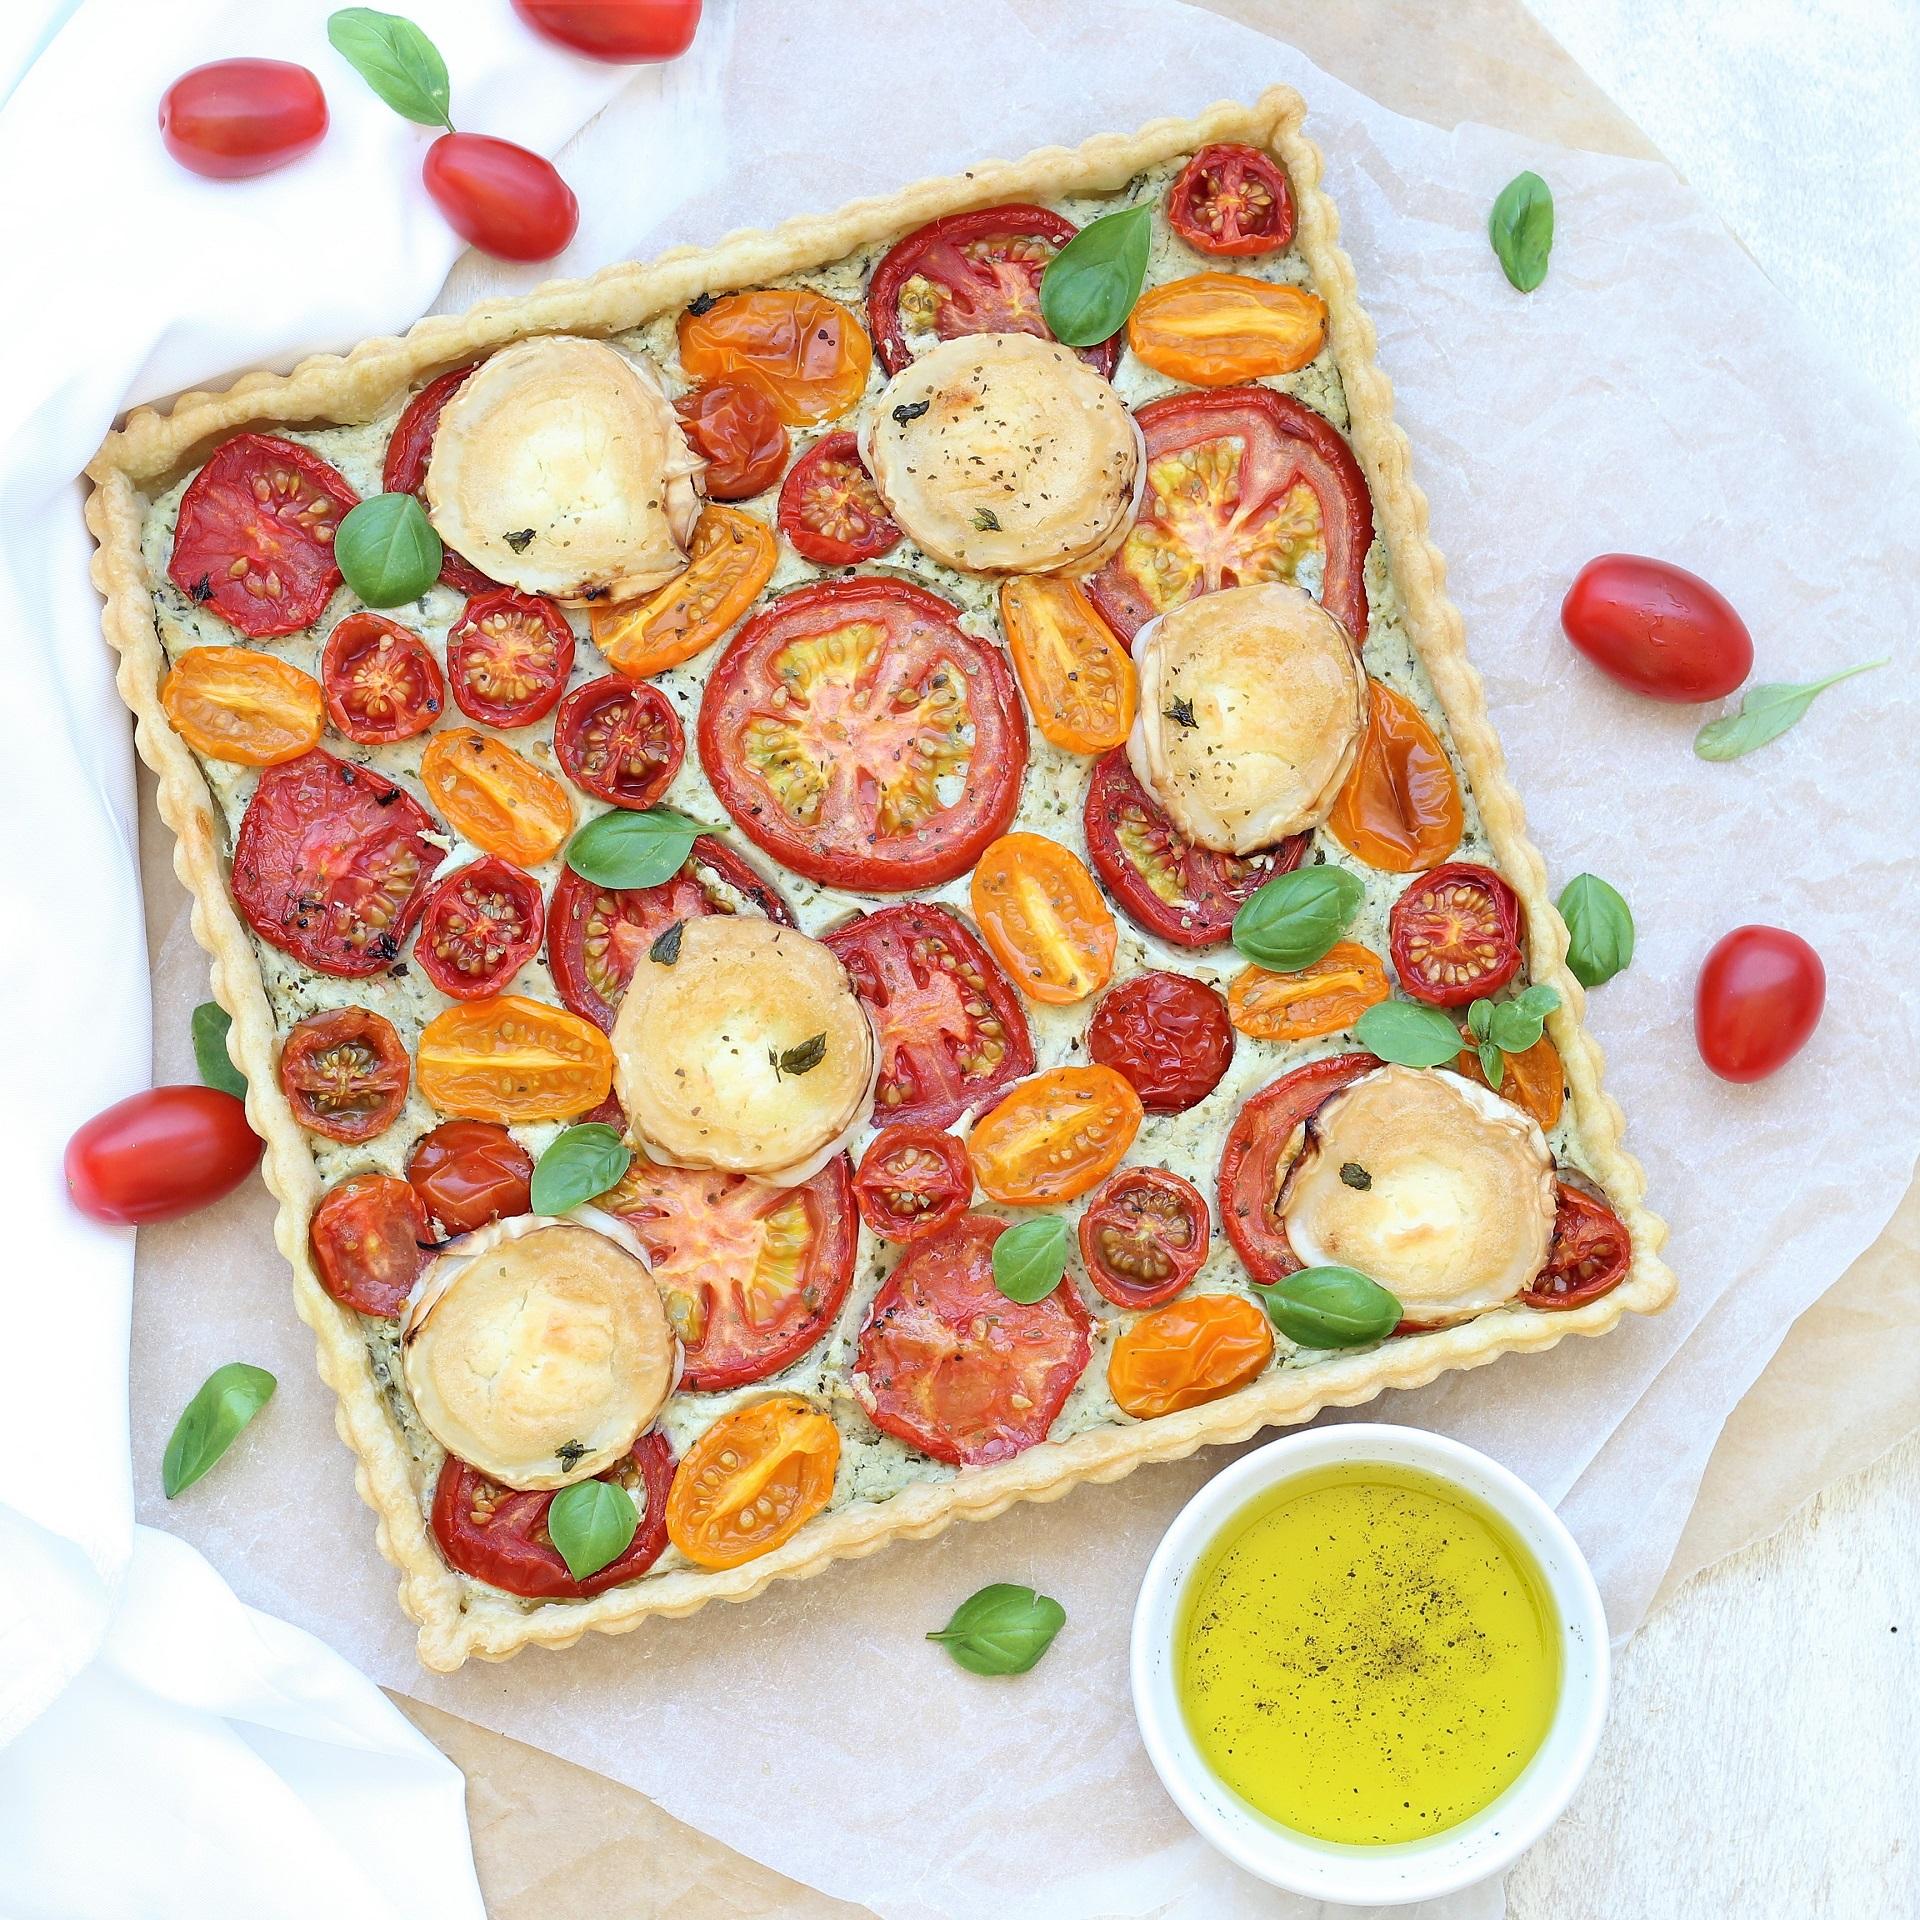 Torta salata con pomodori, ricottta e chevre